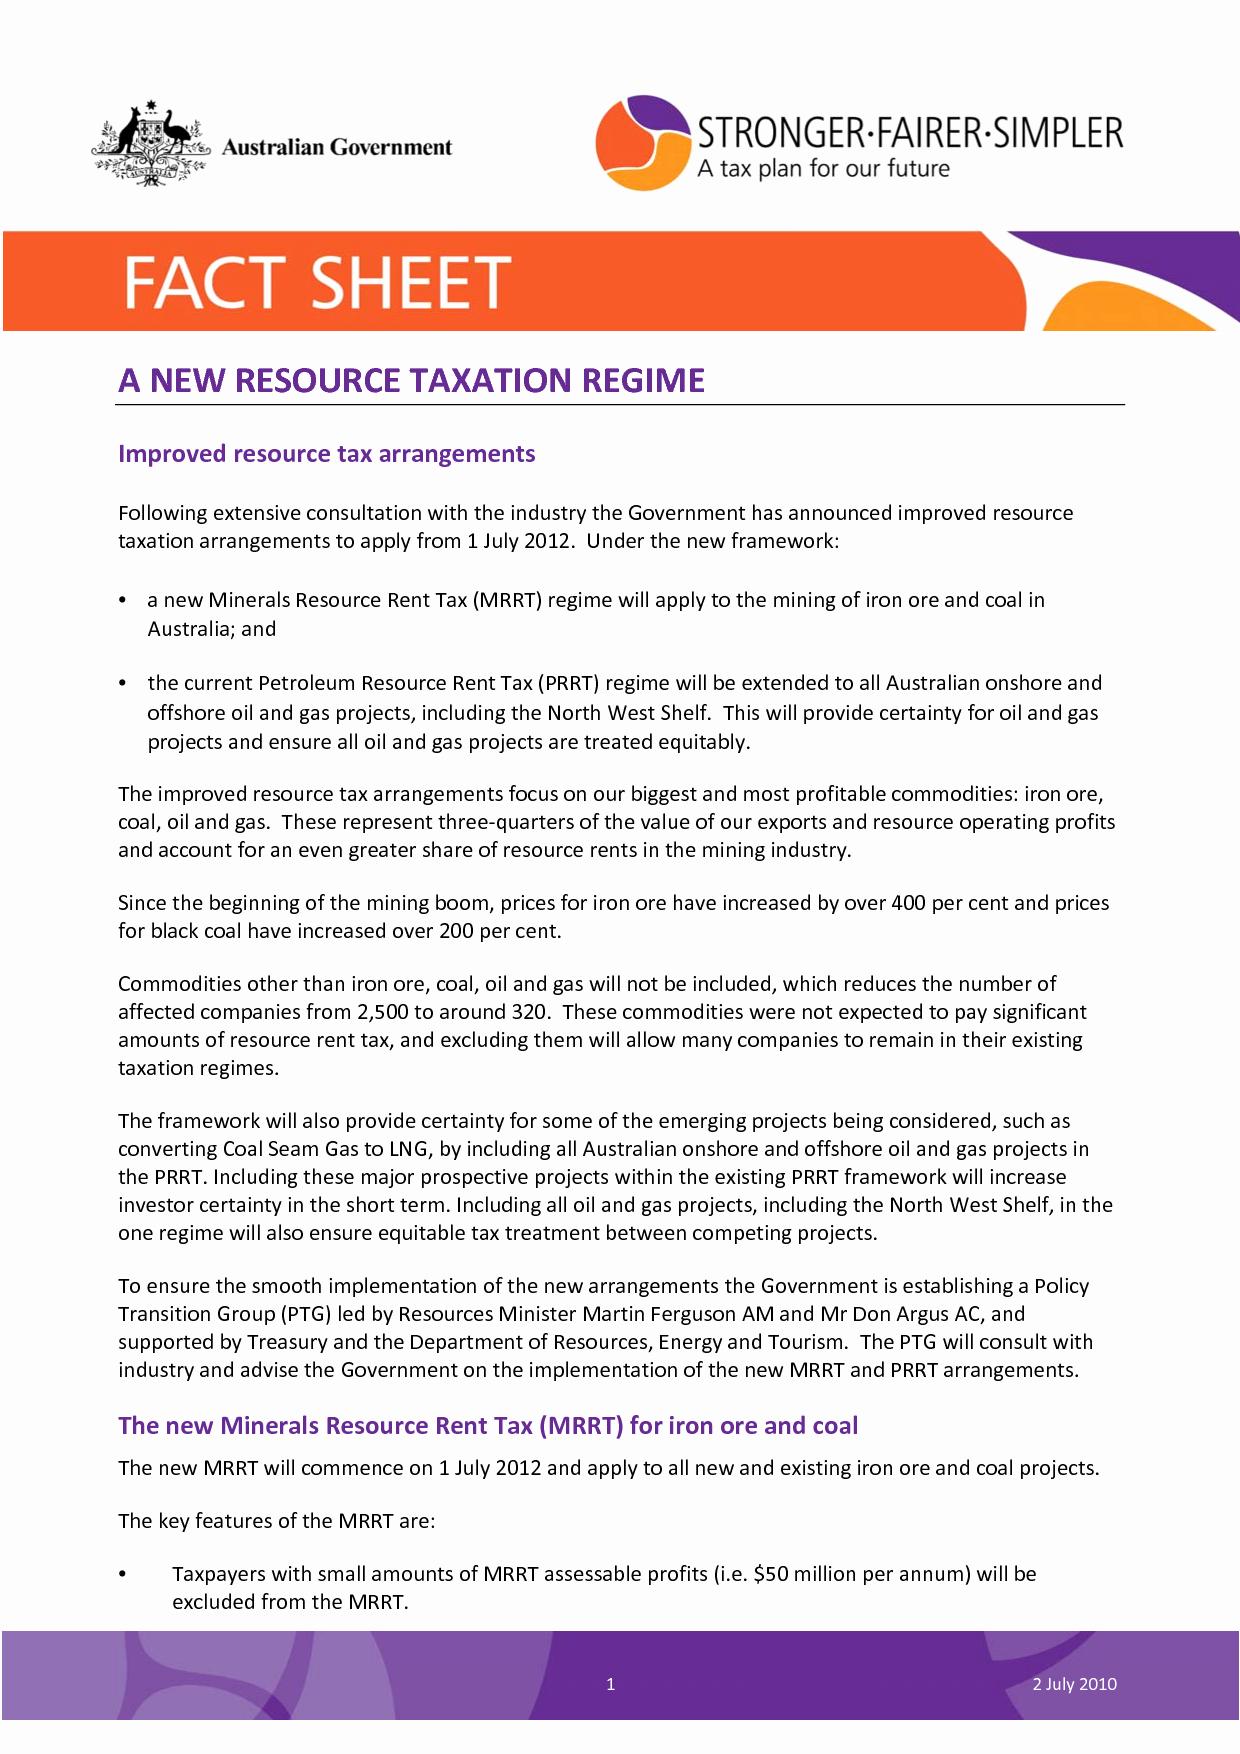 Sample Fact Sheet Template Lovely Fact Sheet Template